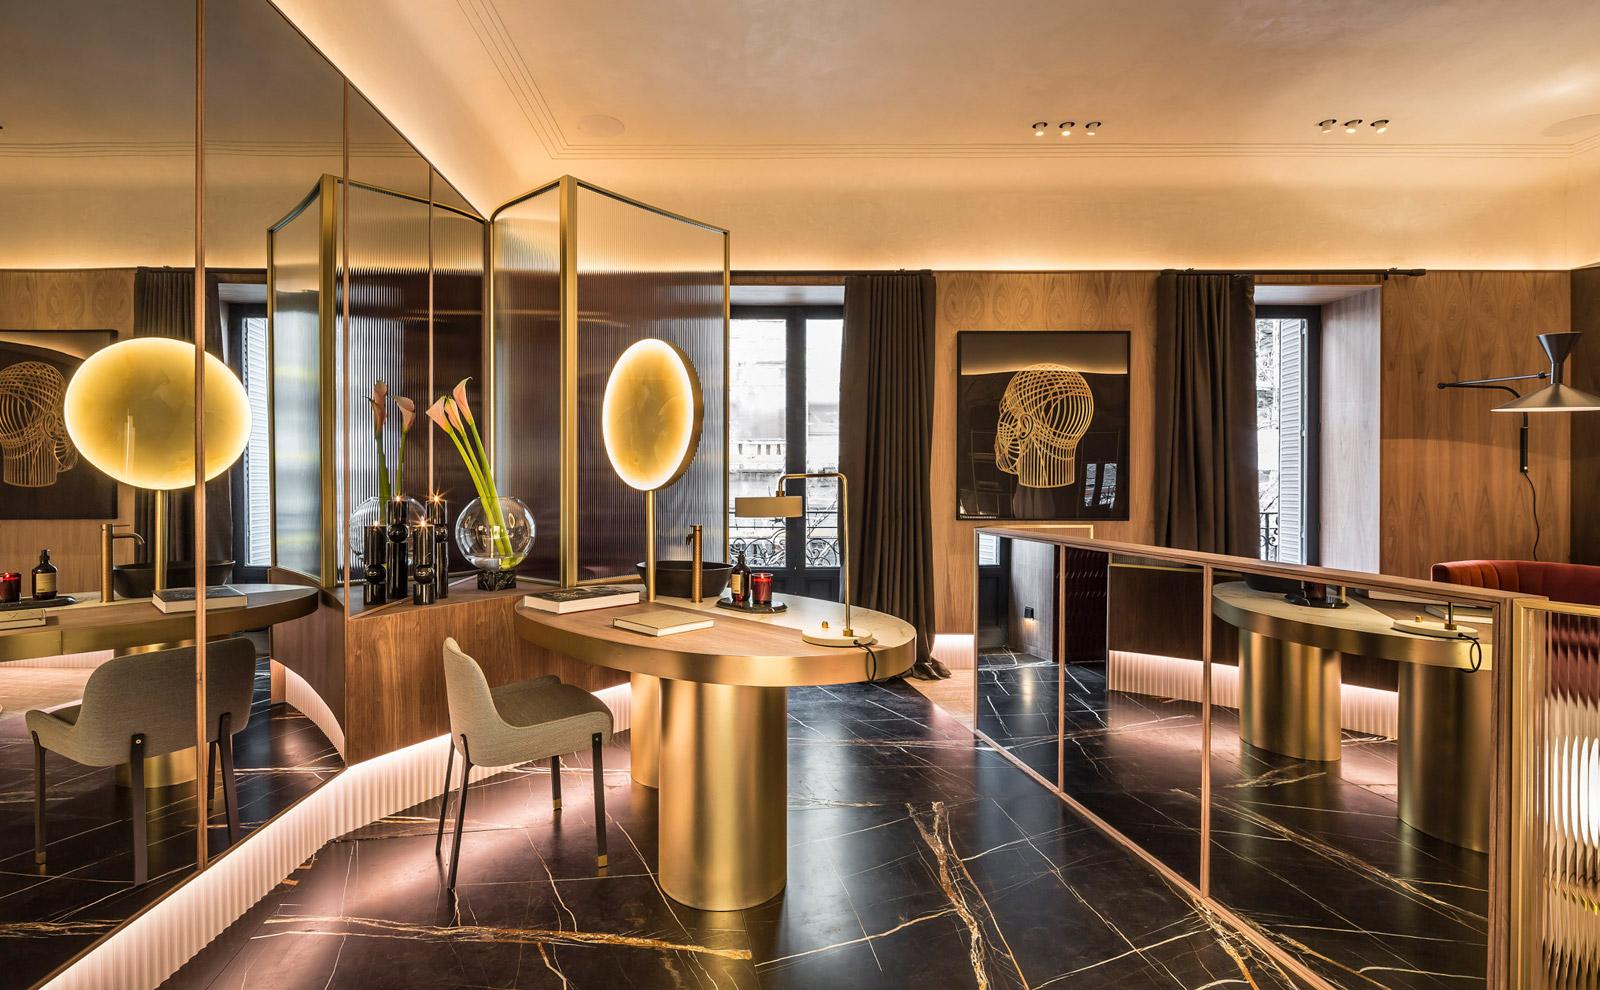 Spiegelflächen und stimmungsvolle Beleuchtung der Luxus-Hotelsuite für die Casa Decor.